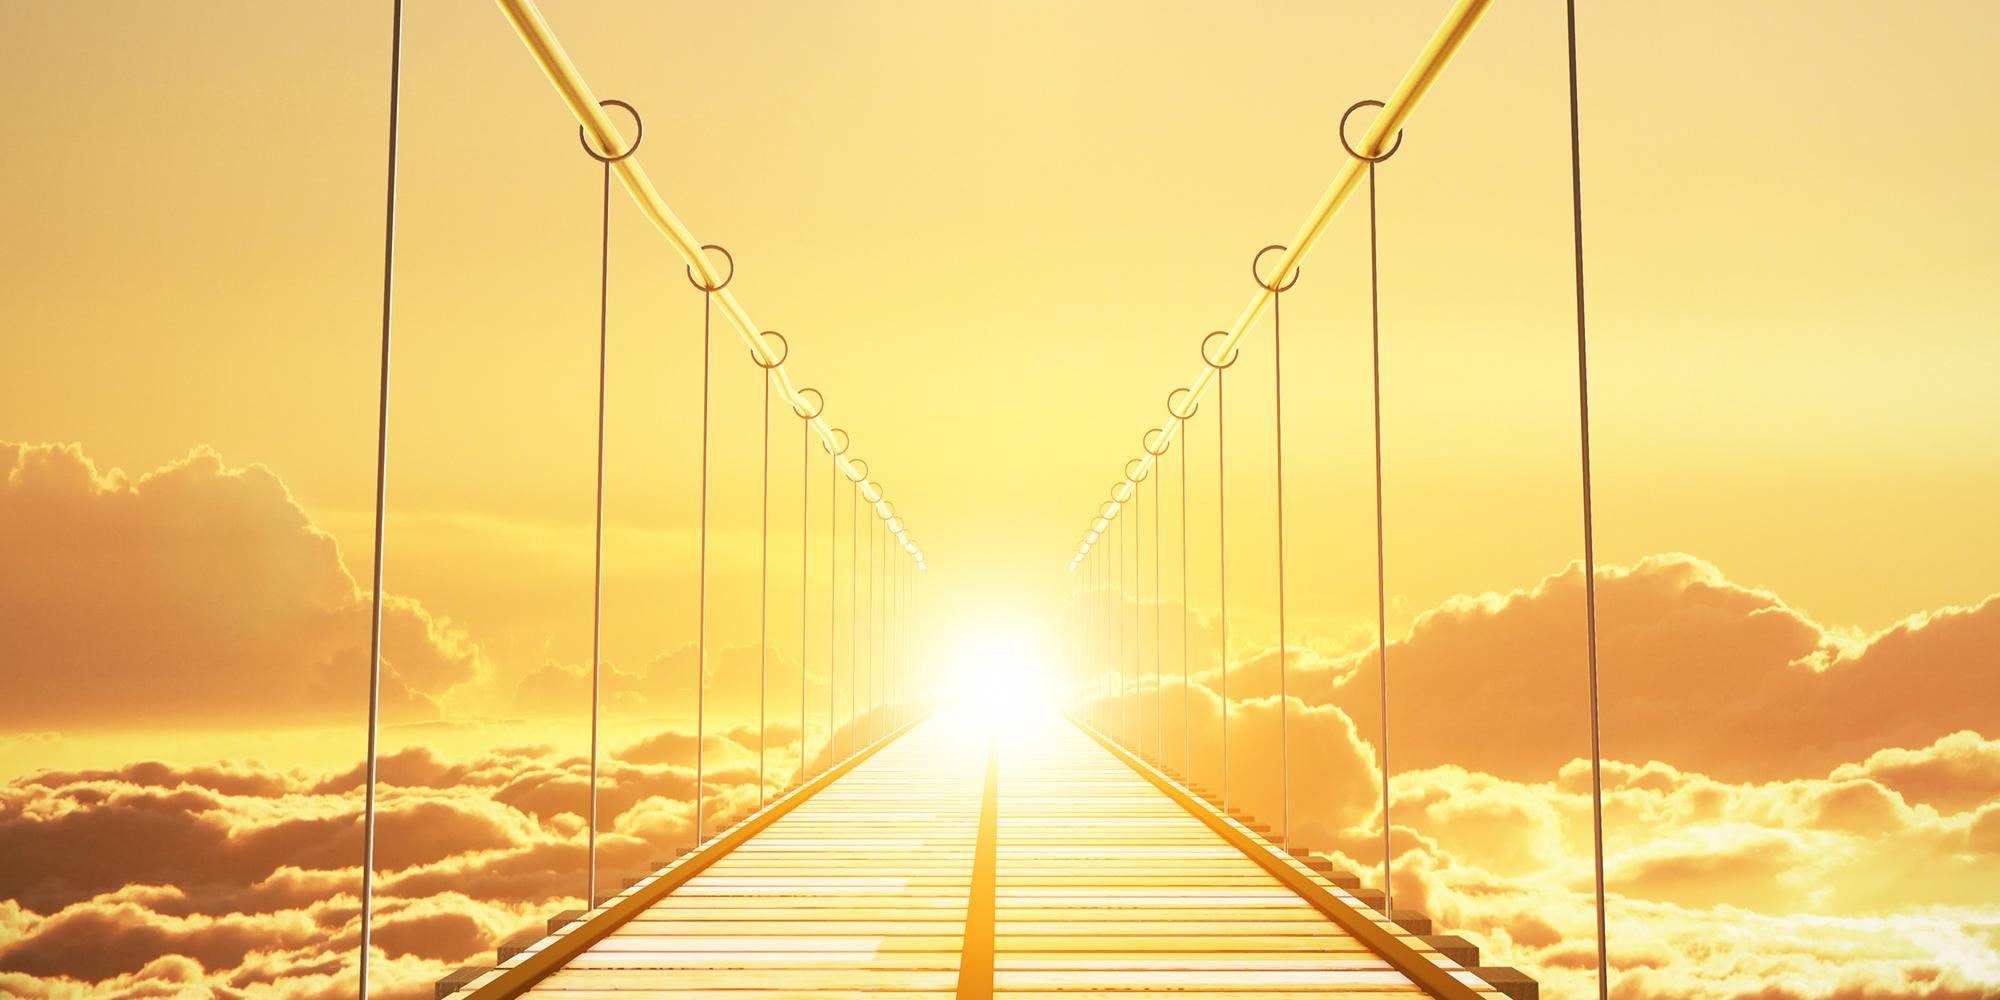 bild som visar en hängbro med en soluppgång i fjärran